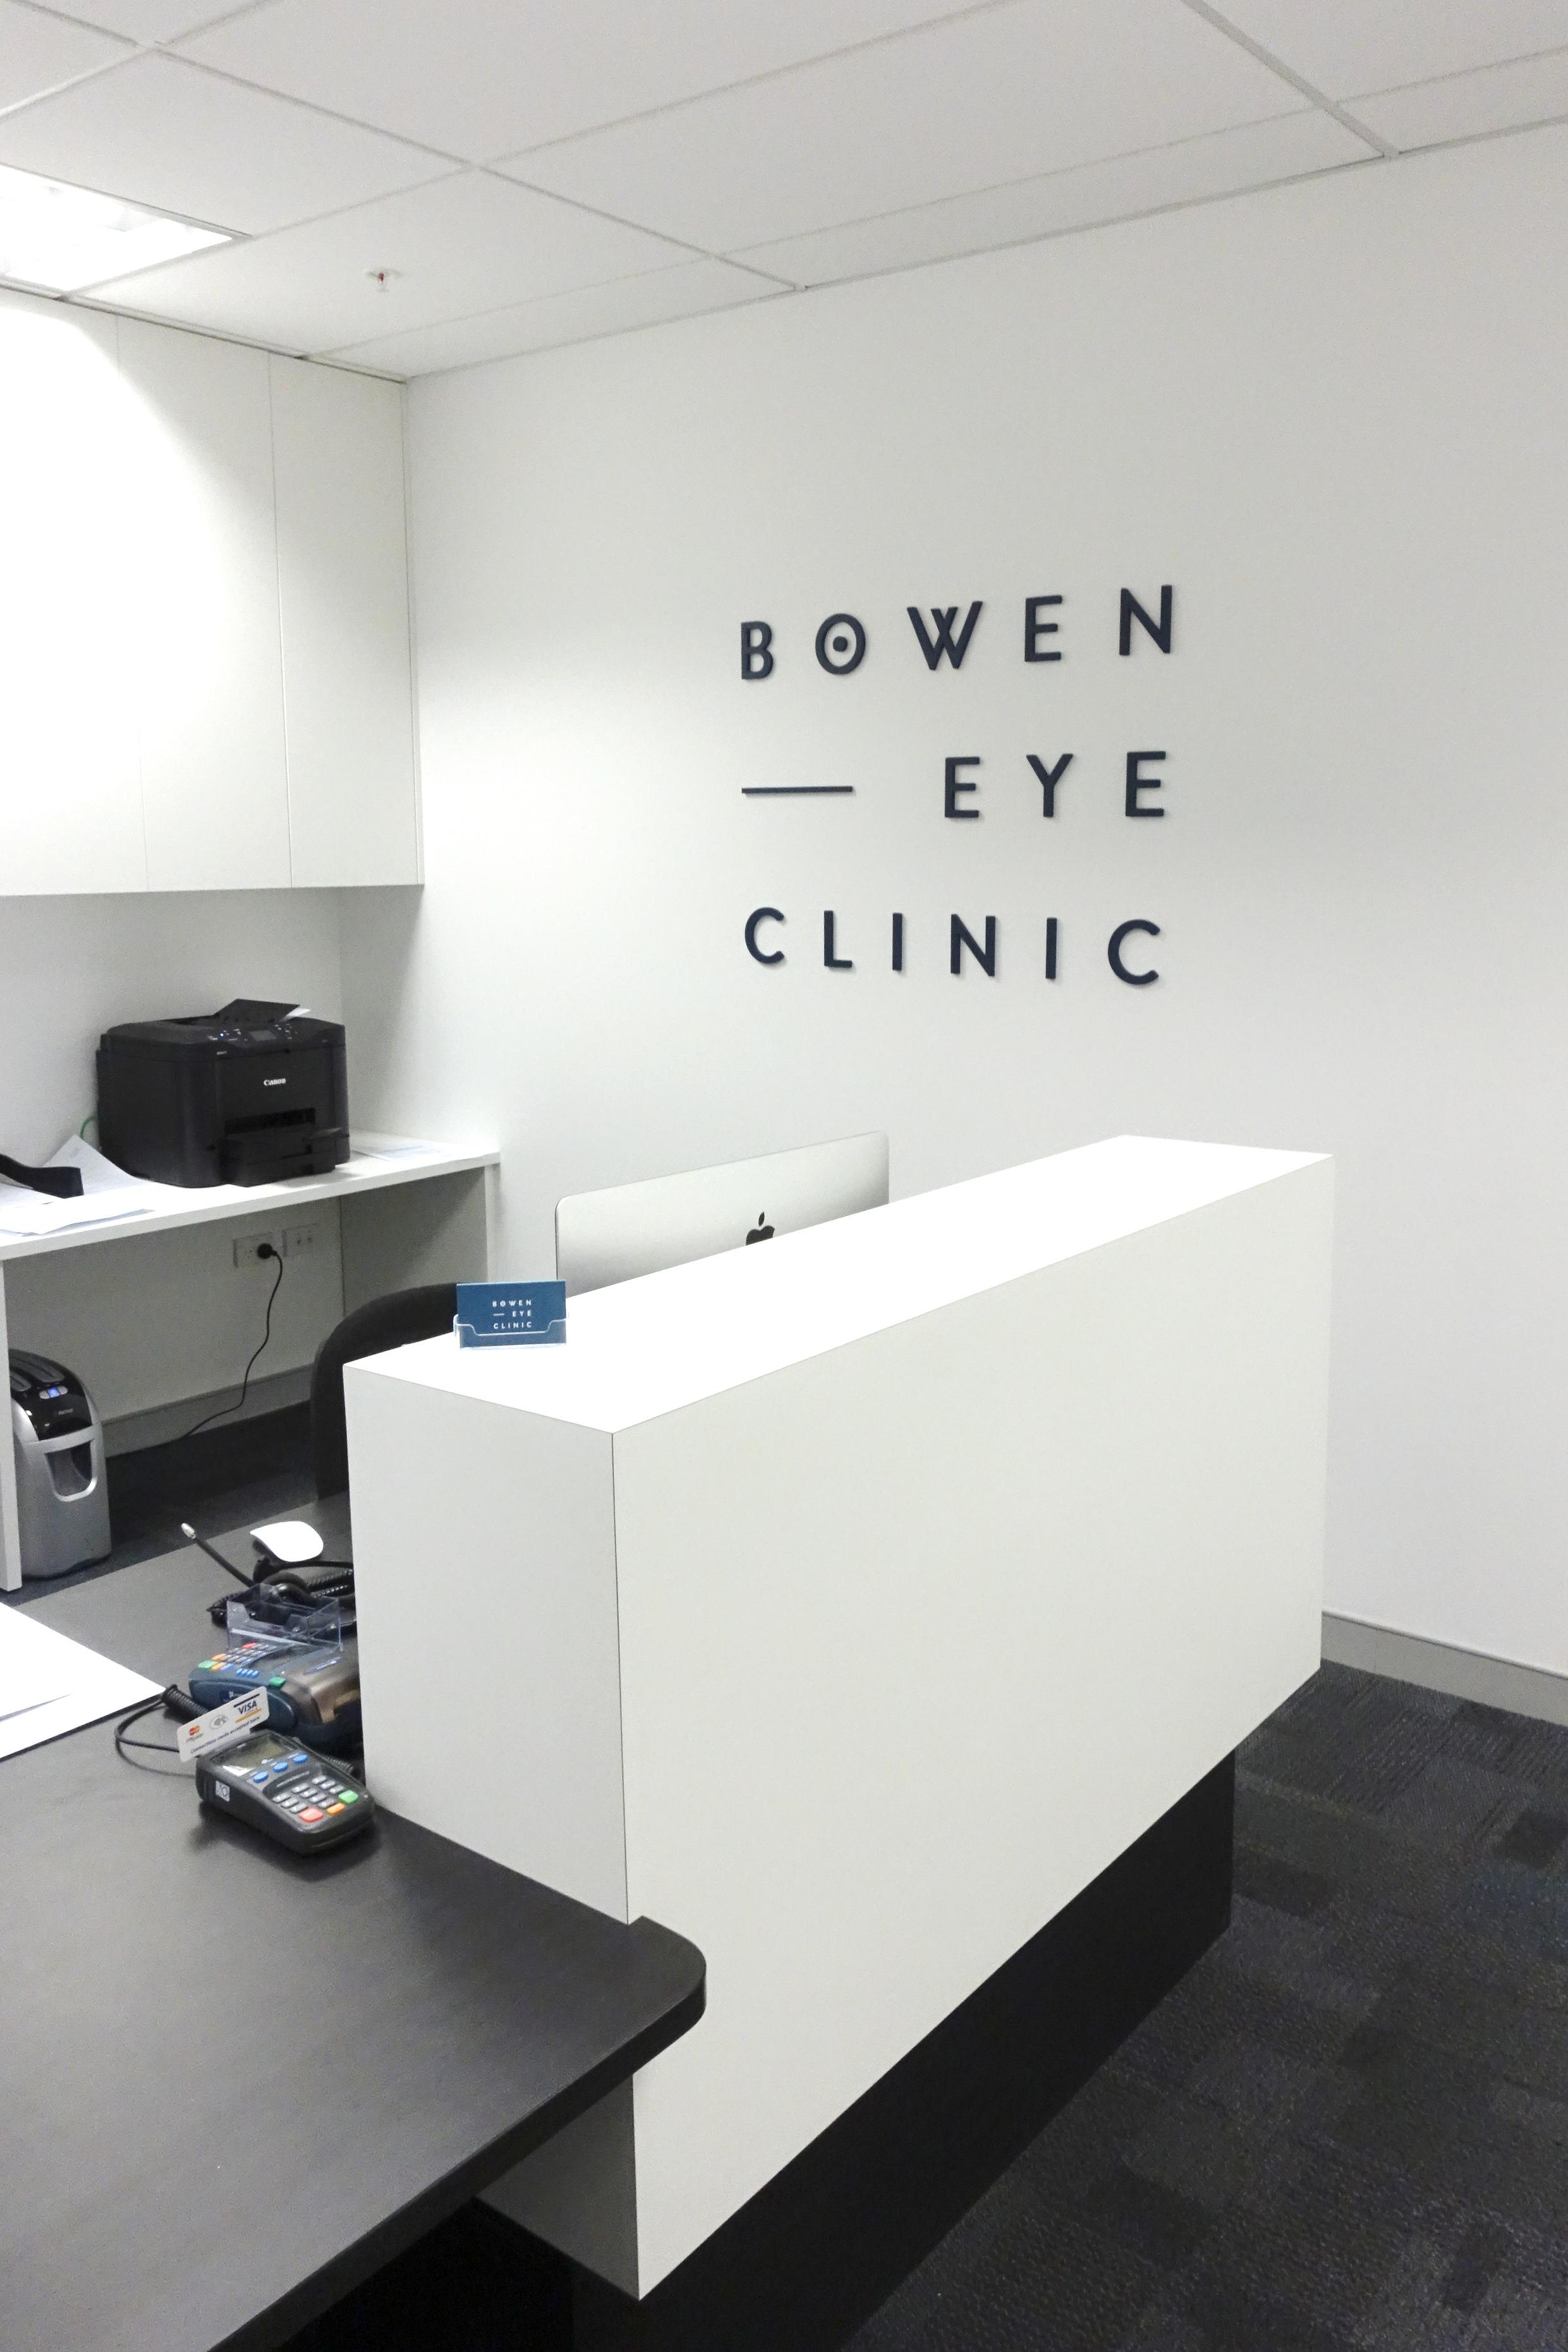 Bowen eye 1.jpg